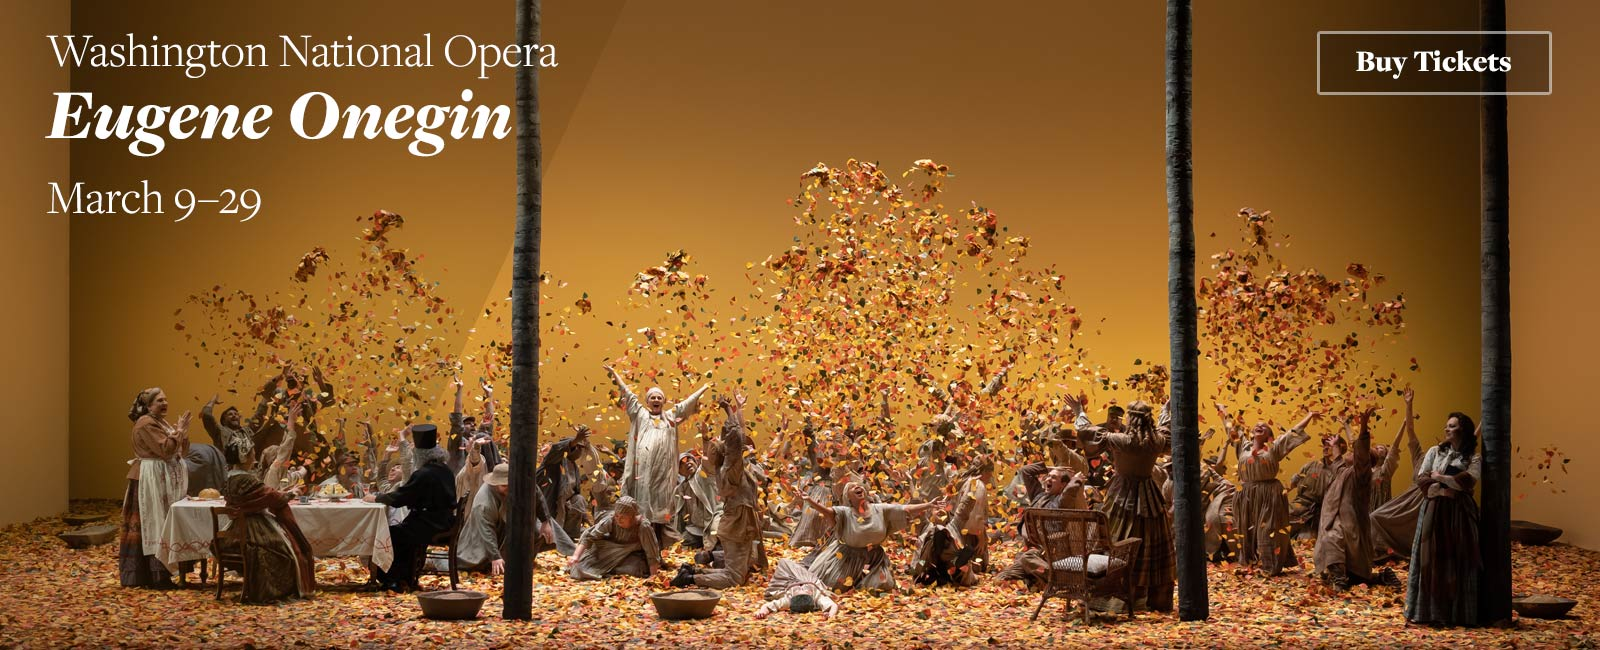 Washington National Opera: Eugene Onegin